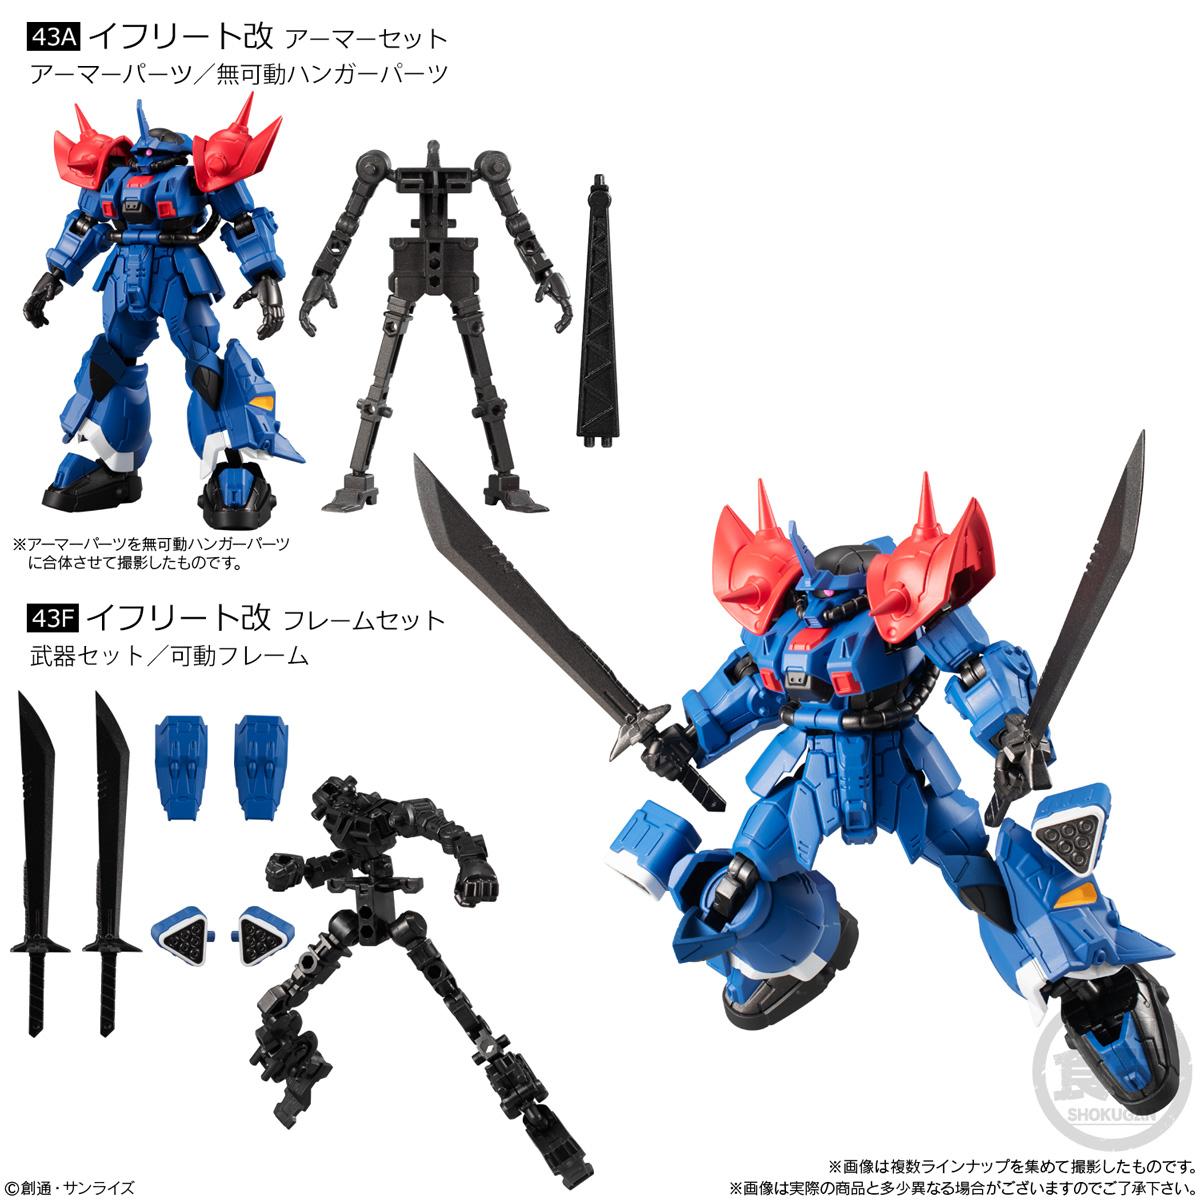 【食玩】機動戦士ガンダム『Gフレーム14』可動フィギュア 10個入りBOX-003